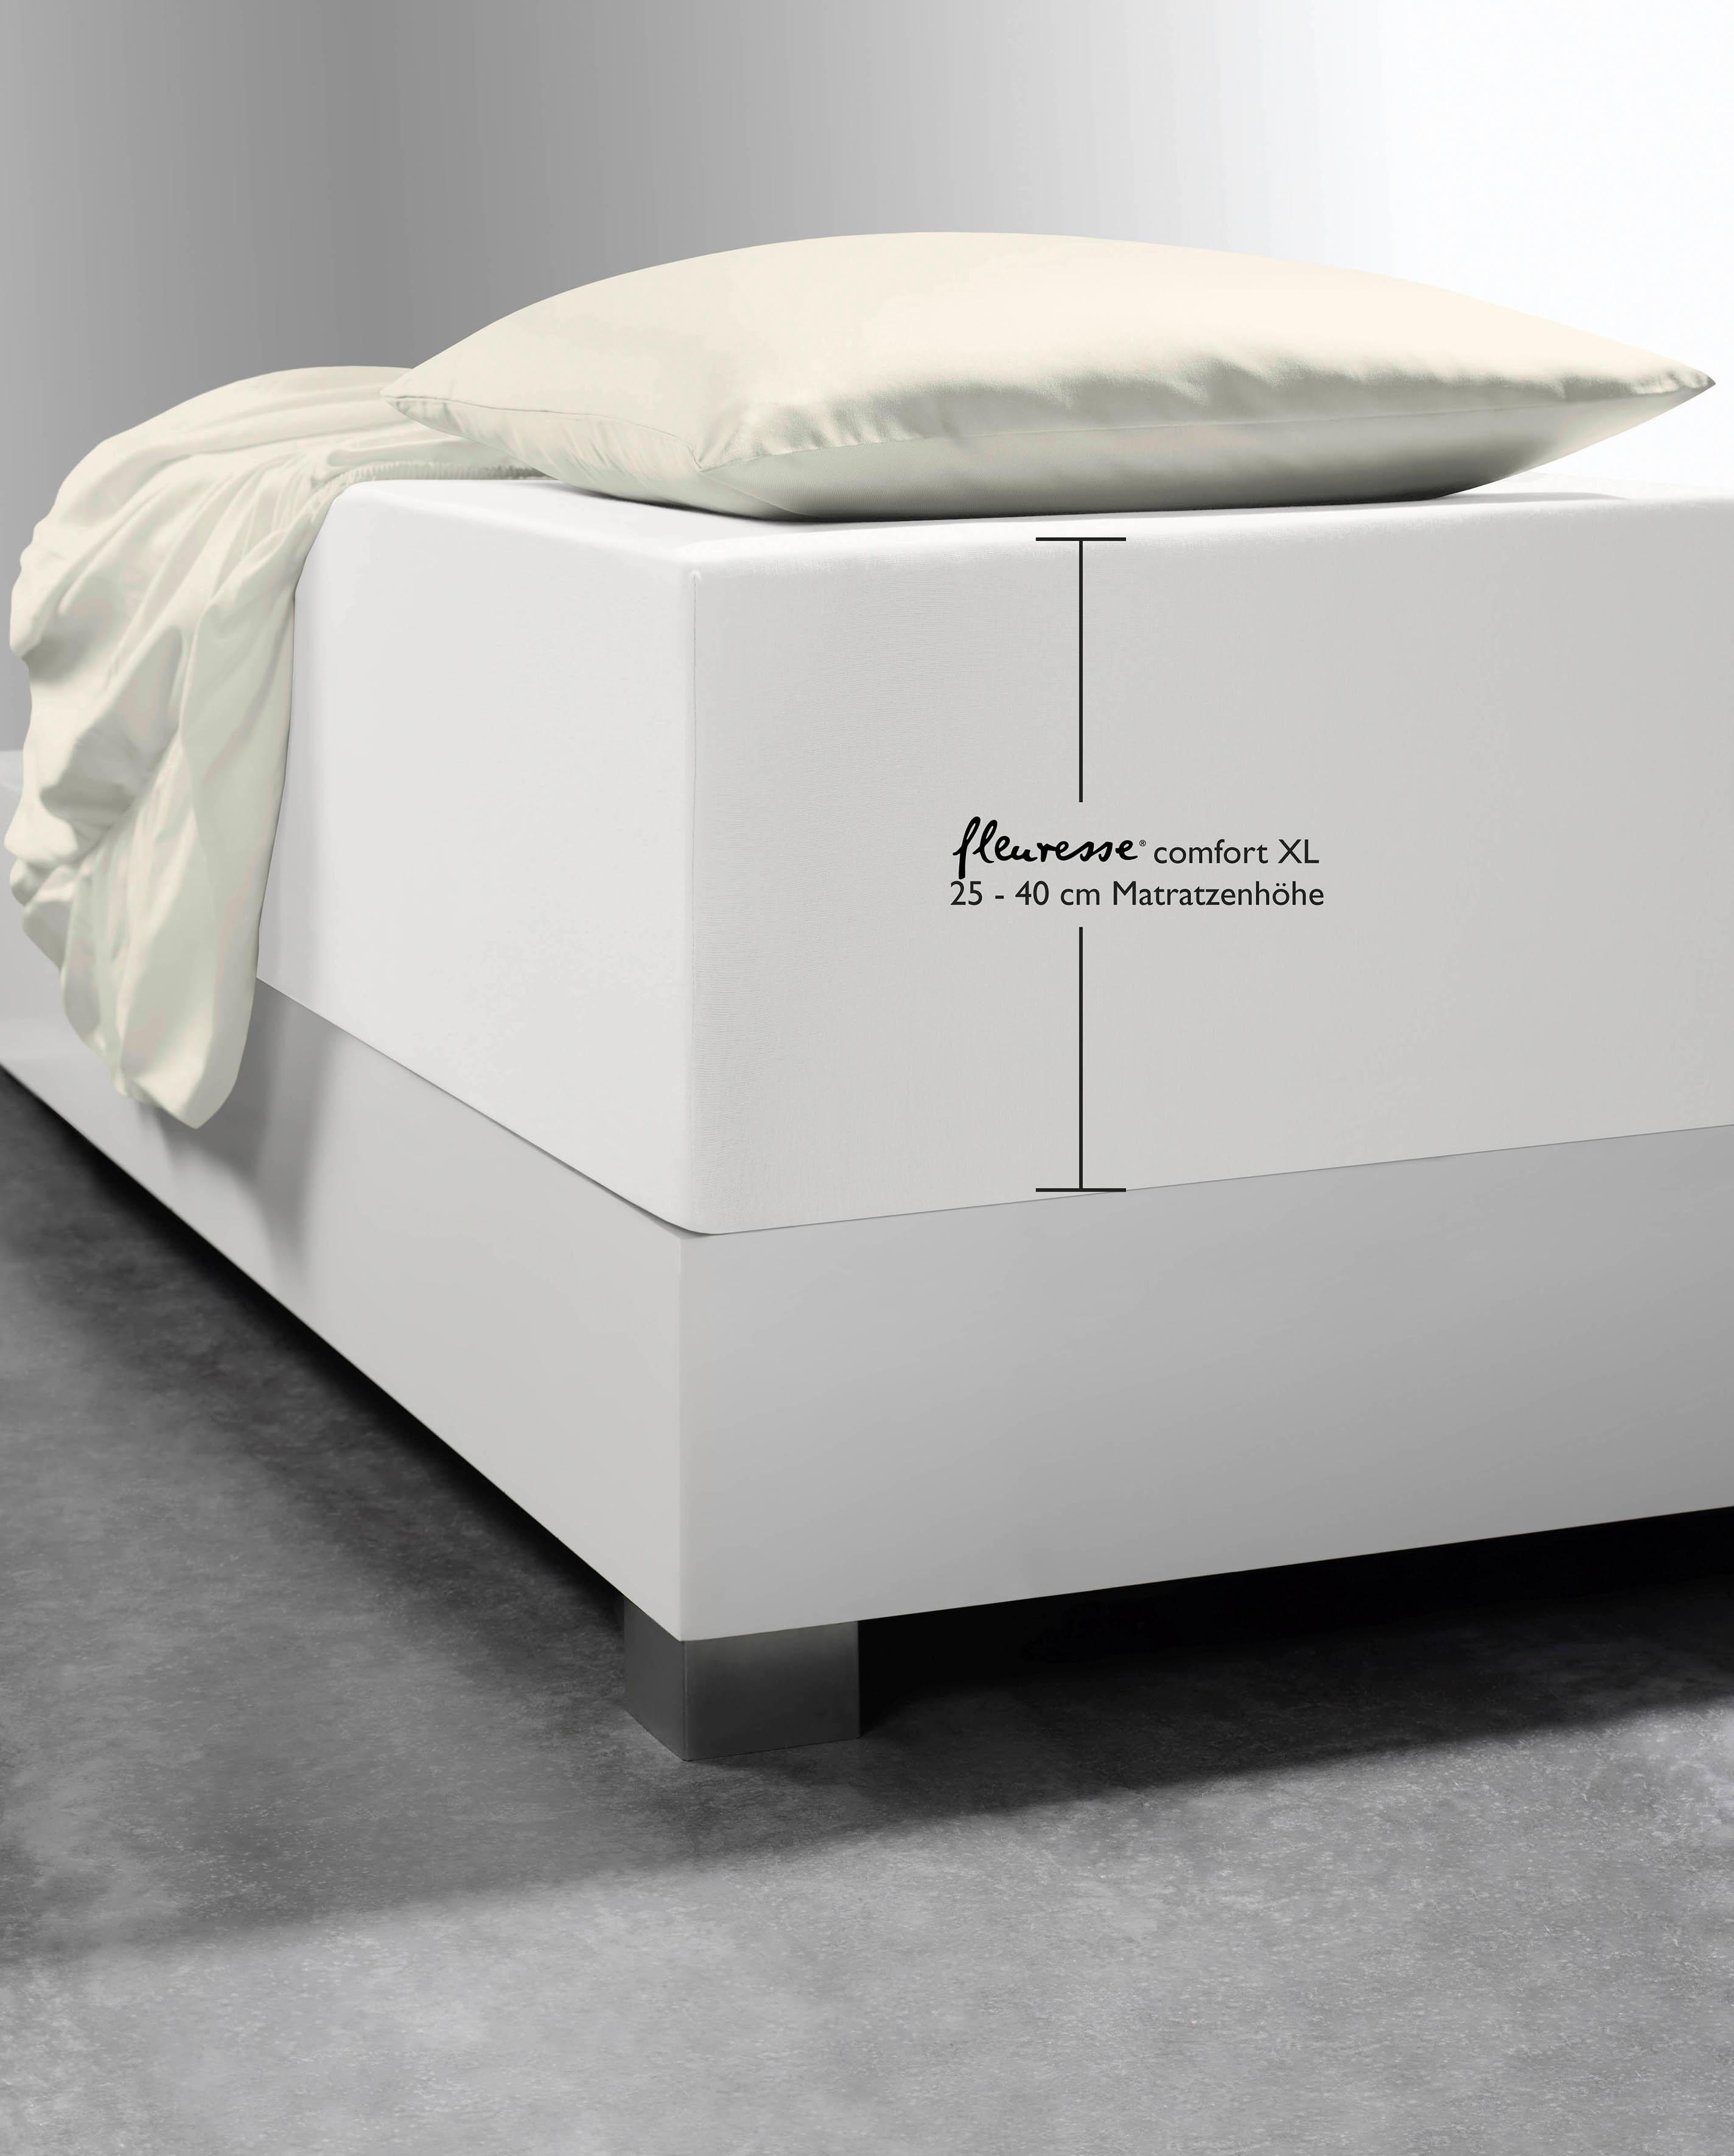 Spannbettlaken Comfort XL fleuresse | Heimtextilien > Bettwäsche und Laken > Bettlaken | Baumwolle | Fleuresse